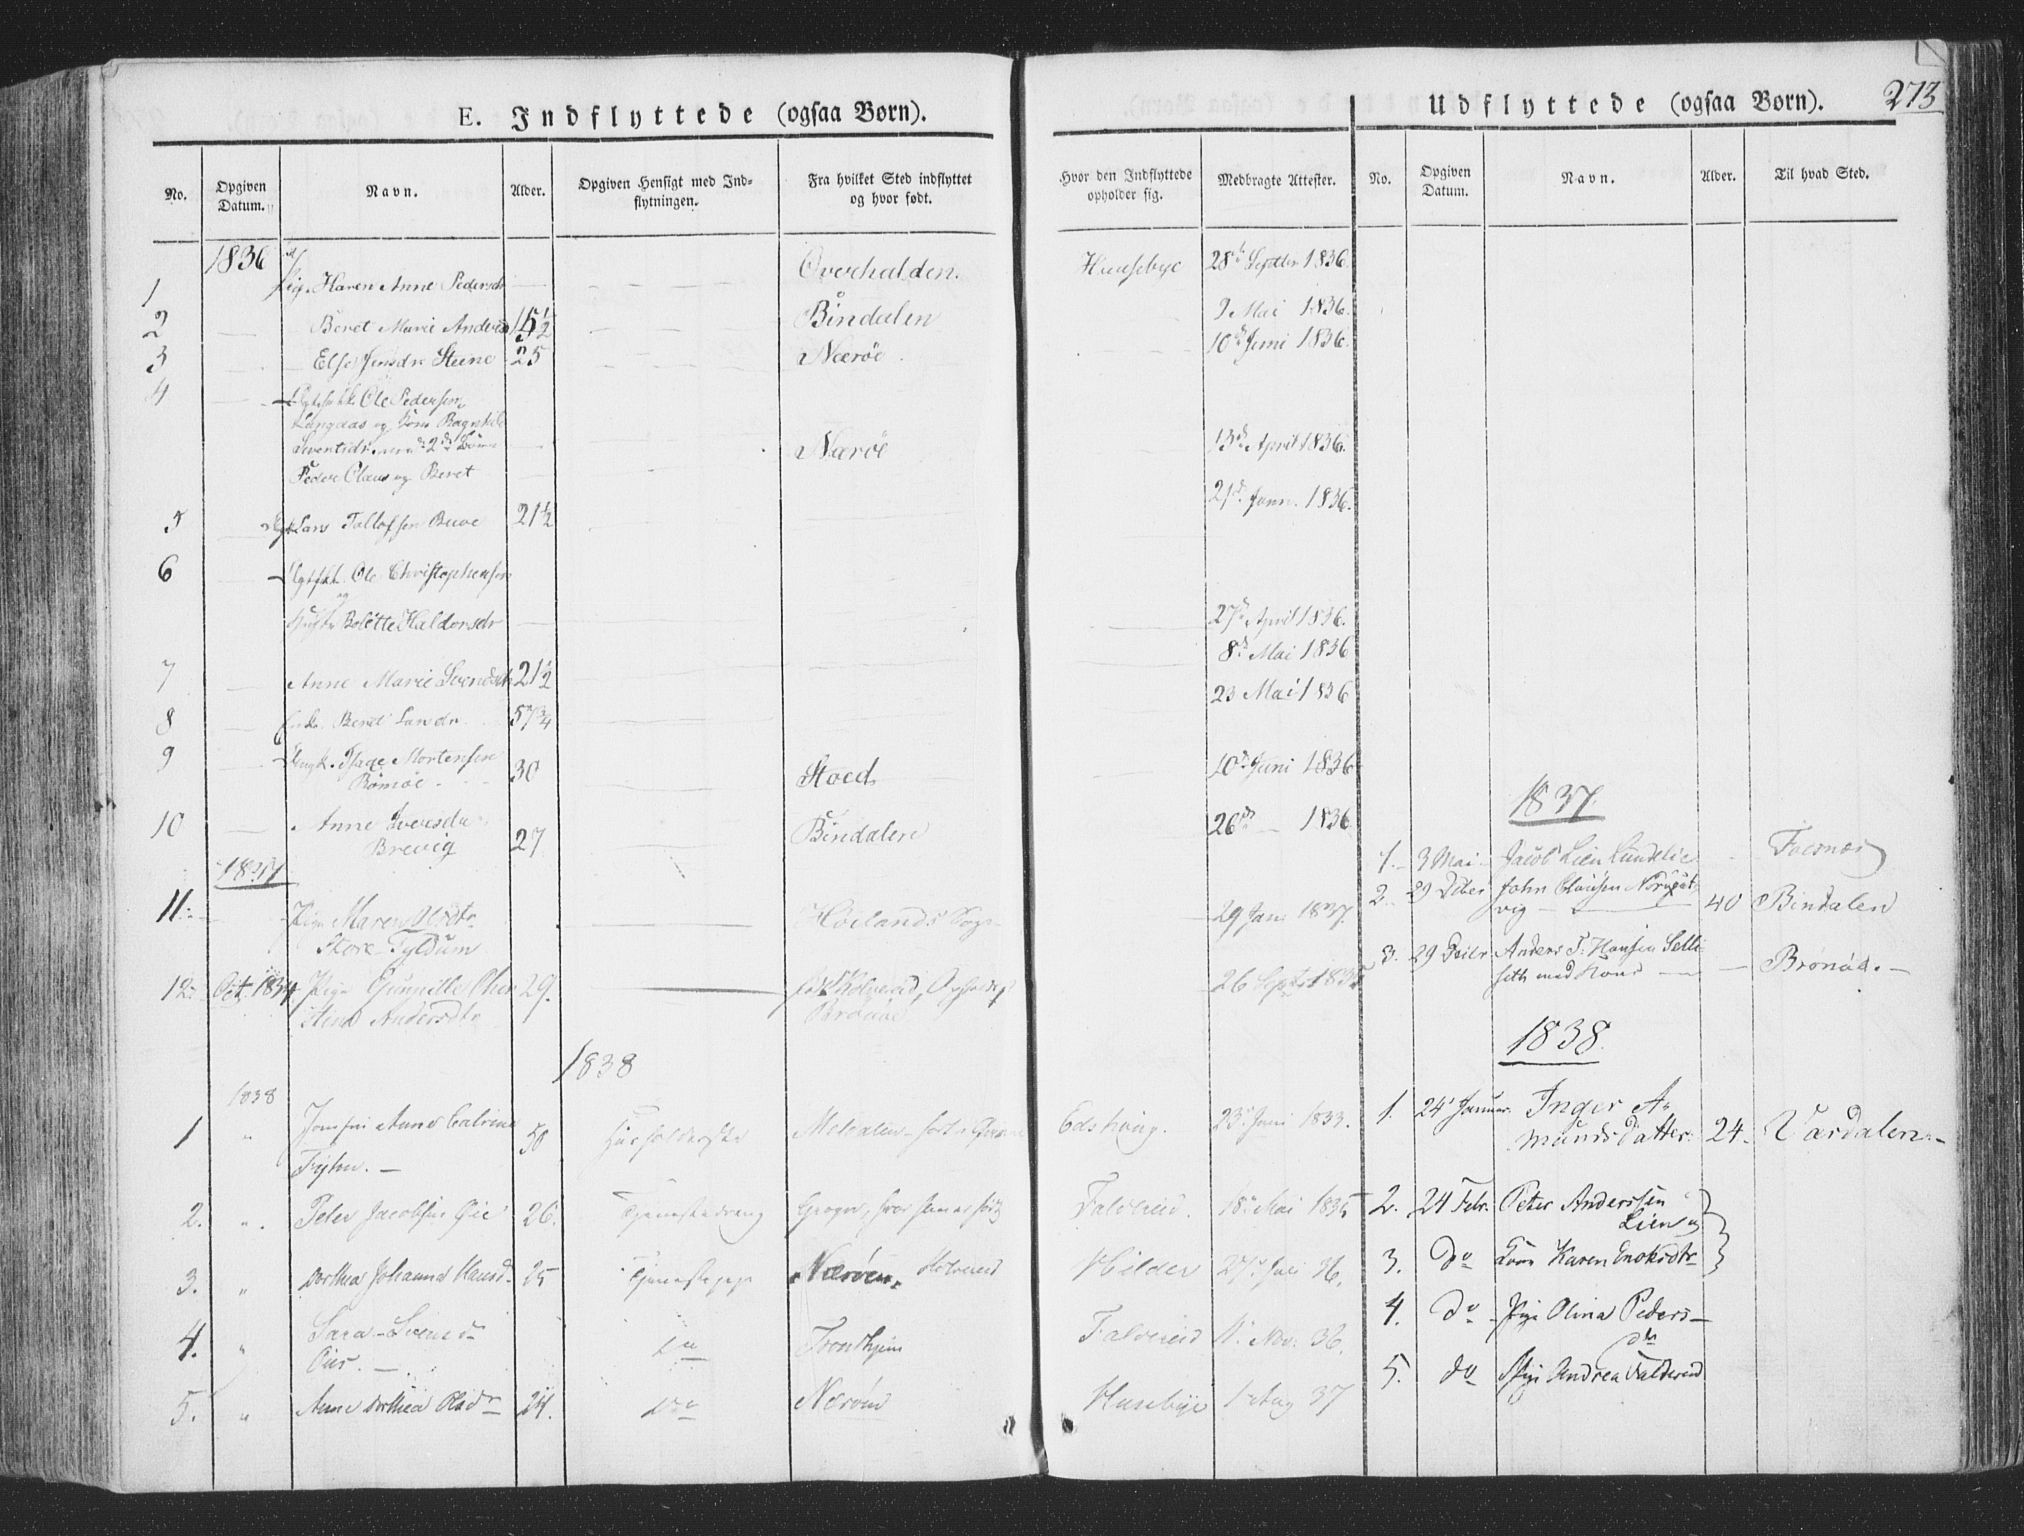 SAT, Ministerialprotokoller, klokkerbøker og fødselsregistre - Nord-Trøndelag, 780/L0639: Ministerialbok nr. 780A04, 1830-1844, s. 273